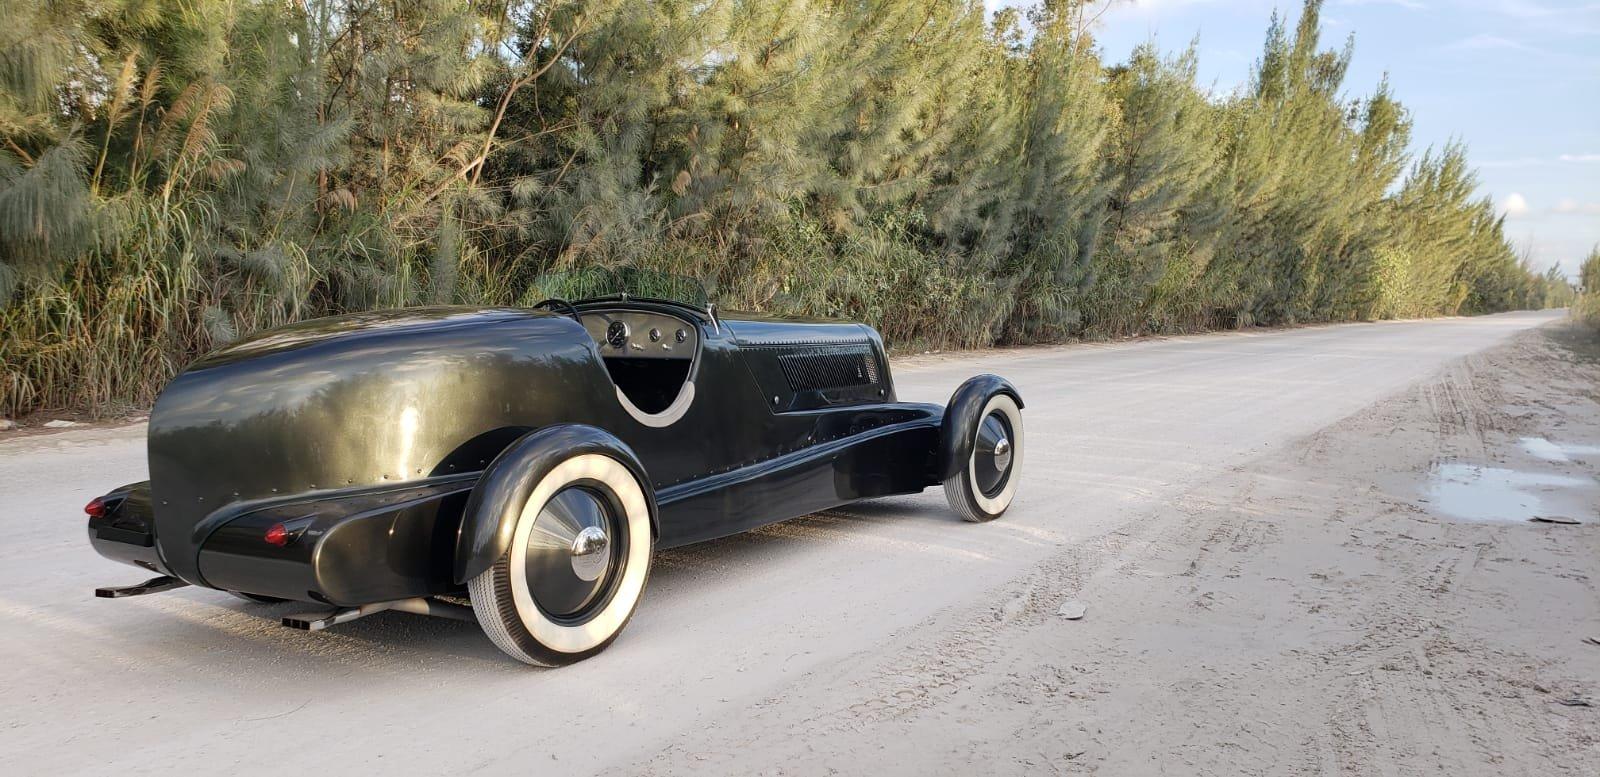 1934 Prewar Edsel Speedster for sale. For Sale (picture 2 of 5)